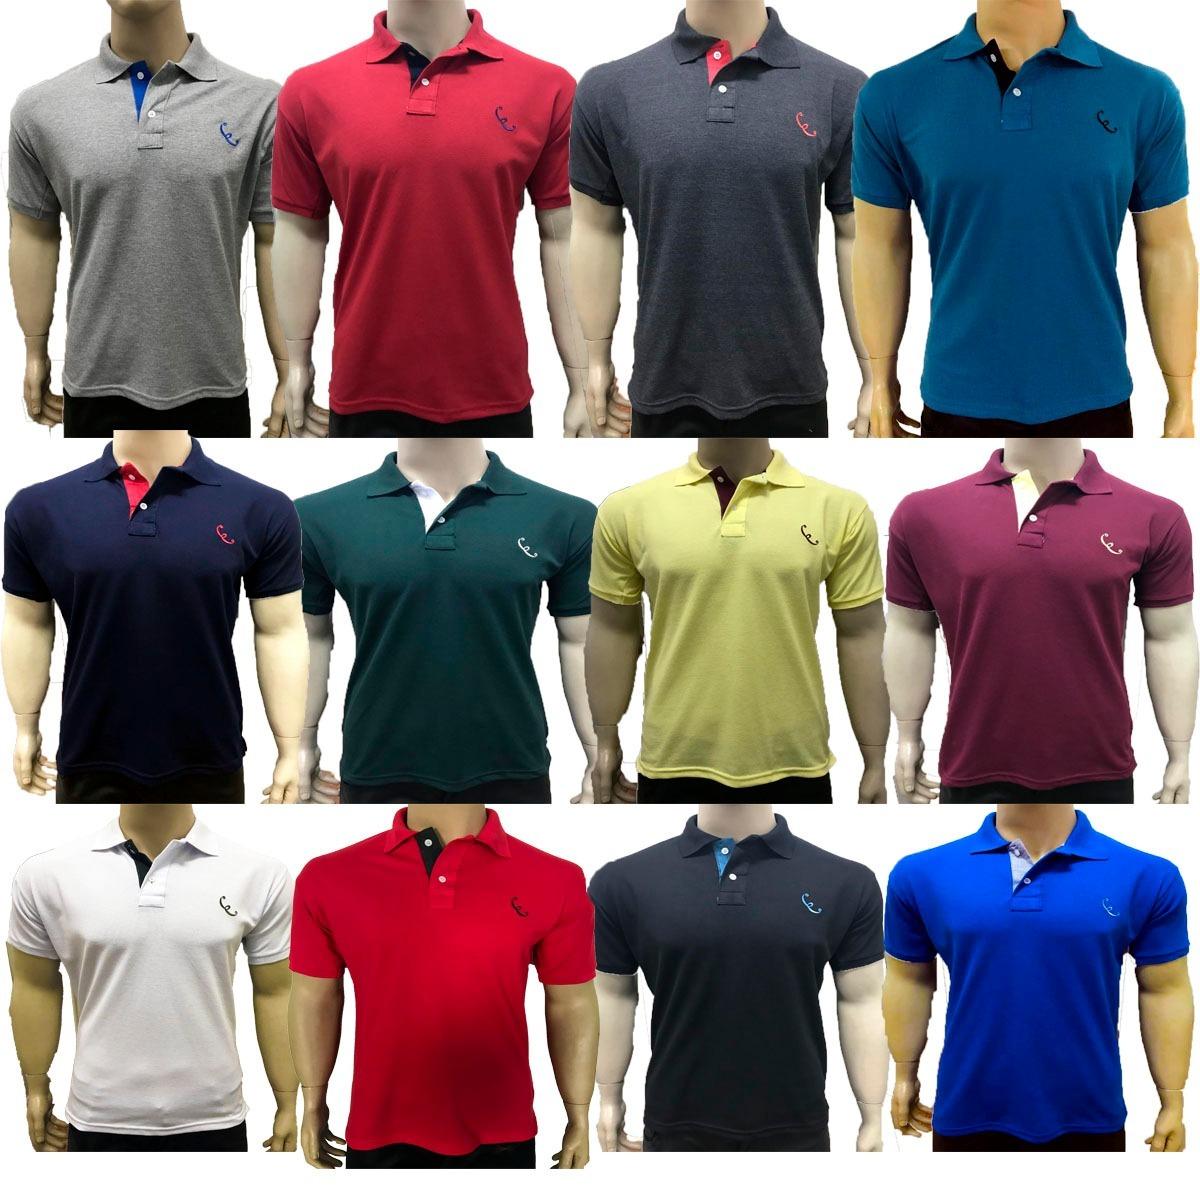 ... 951e77f6a81 kit 10 camisa polo masculina frete grátis atacado revenda.  Carregando zoom. e57e4f8678ff6